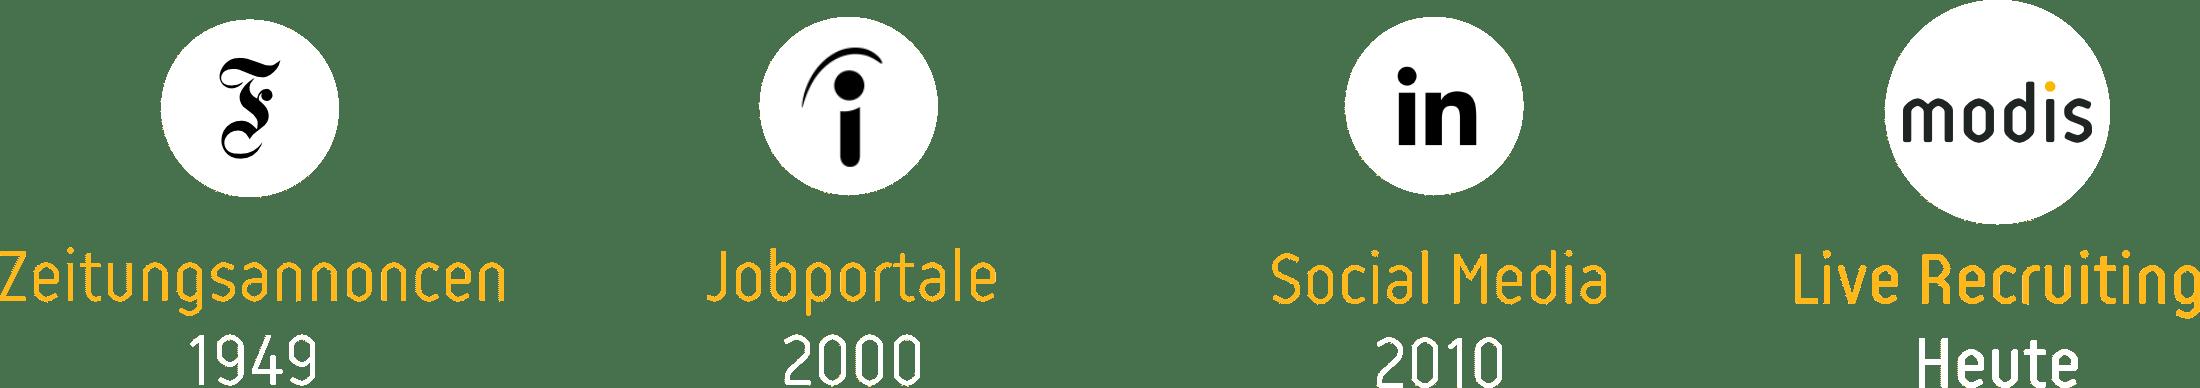 live-recruiting-evolution-icons-modis